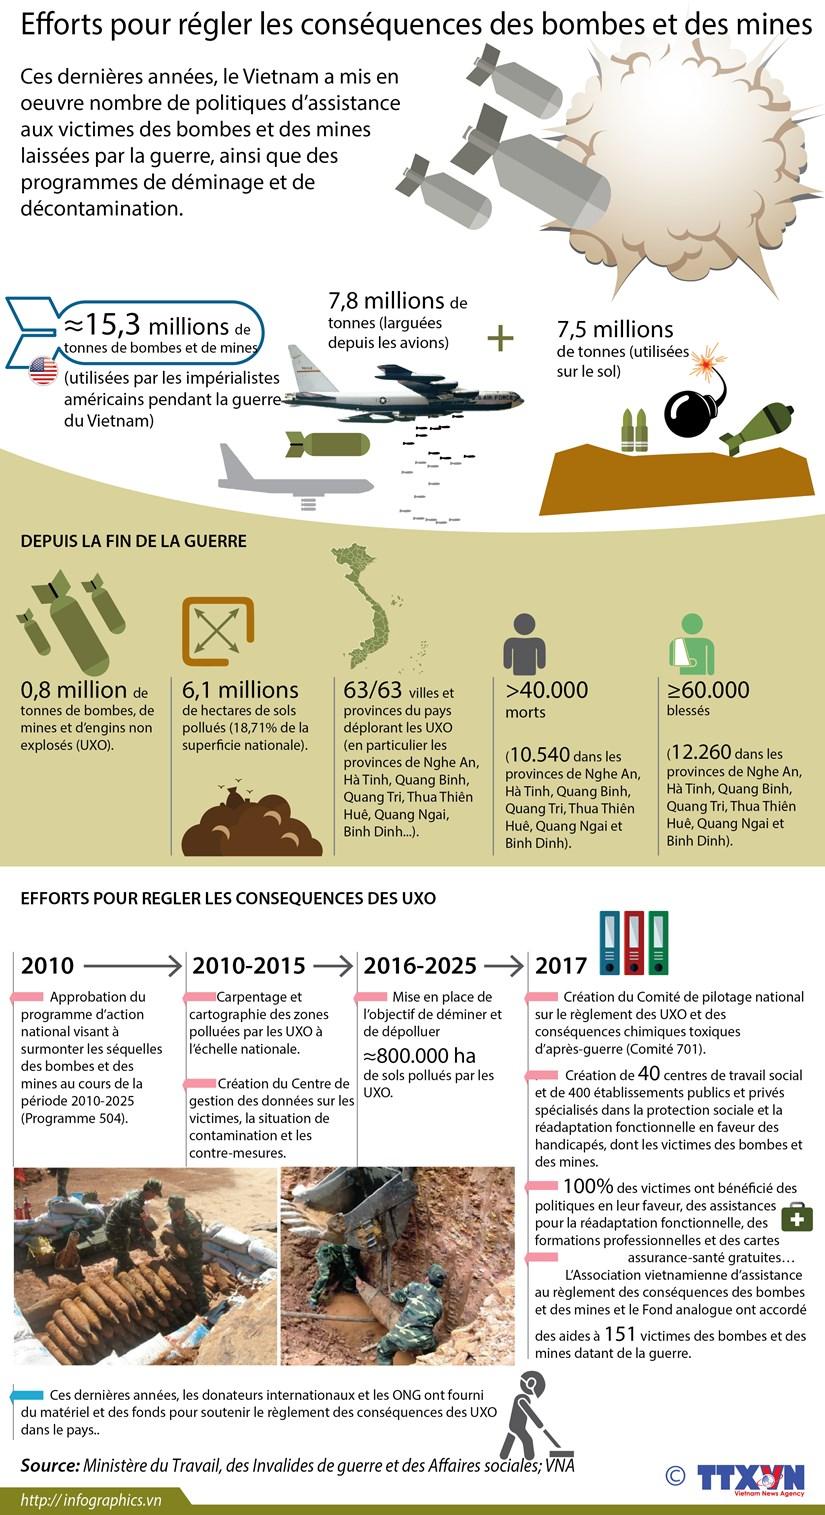 Efforts pour regler les consequences des bombes et des mines hinh anh 1